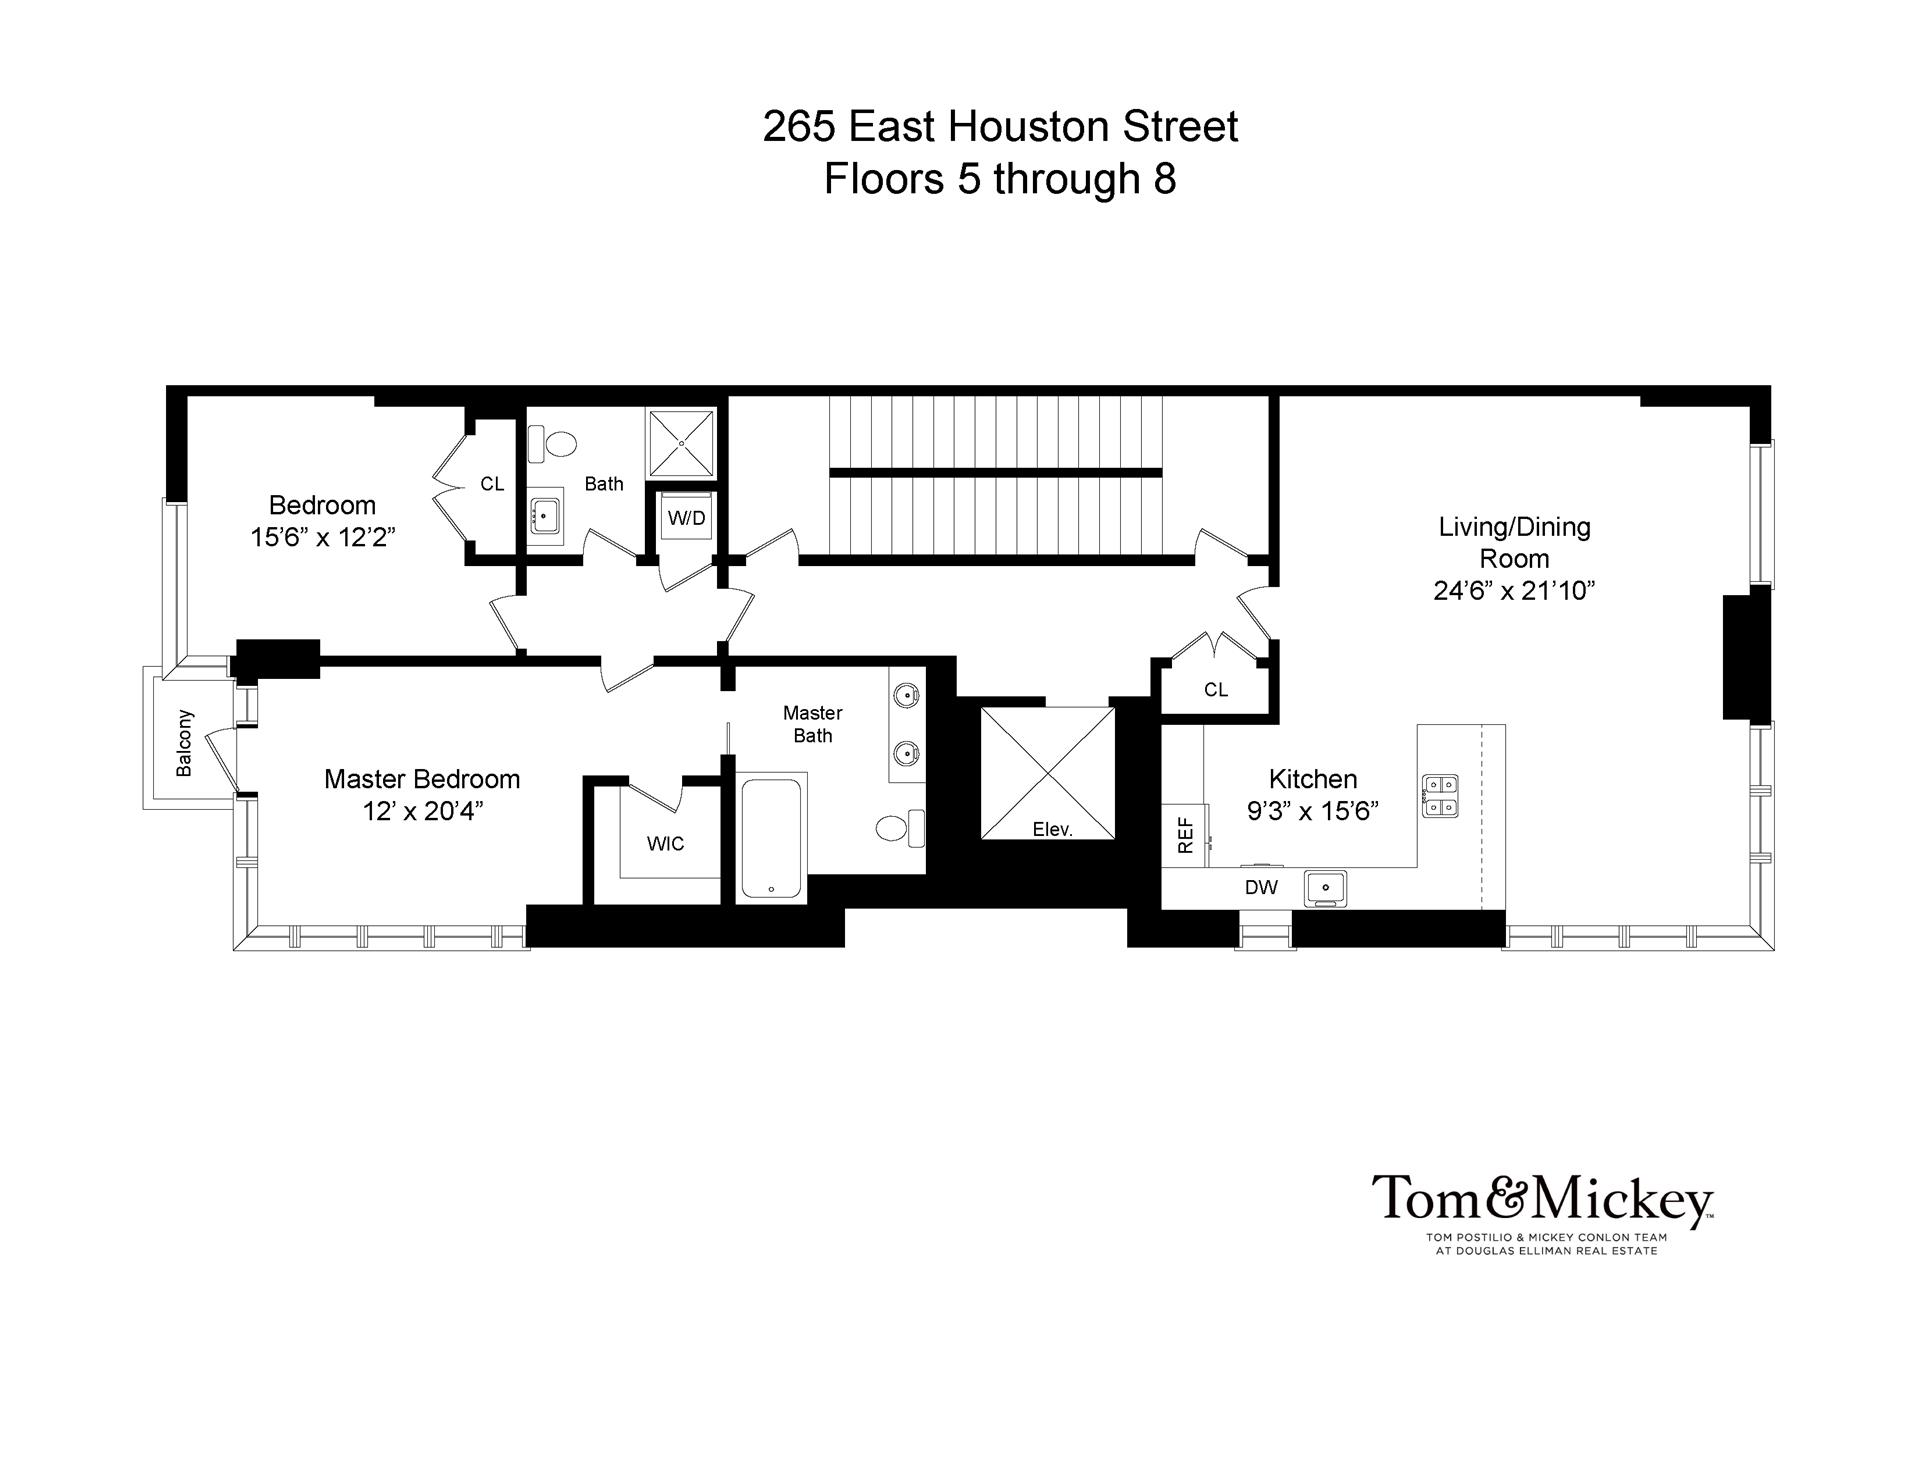 Floor plan of 265 East Houston St, 5THFLR - Lower East Side, New York